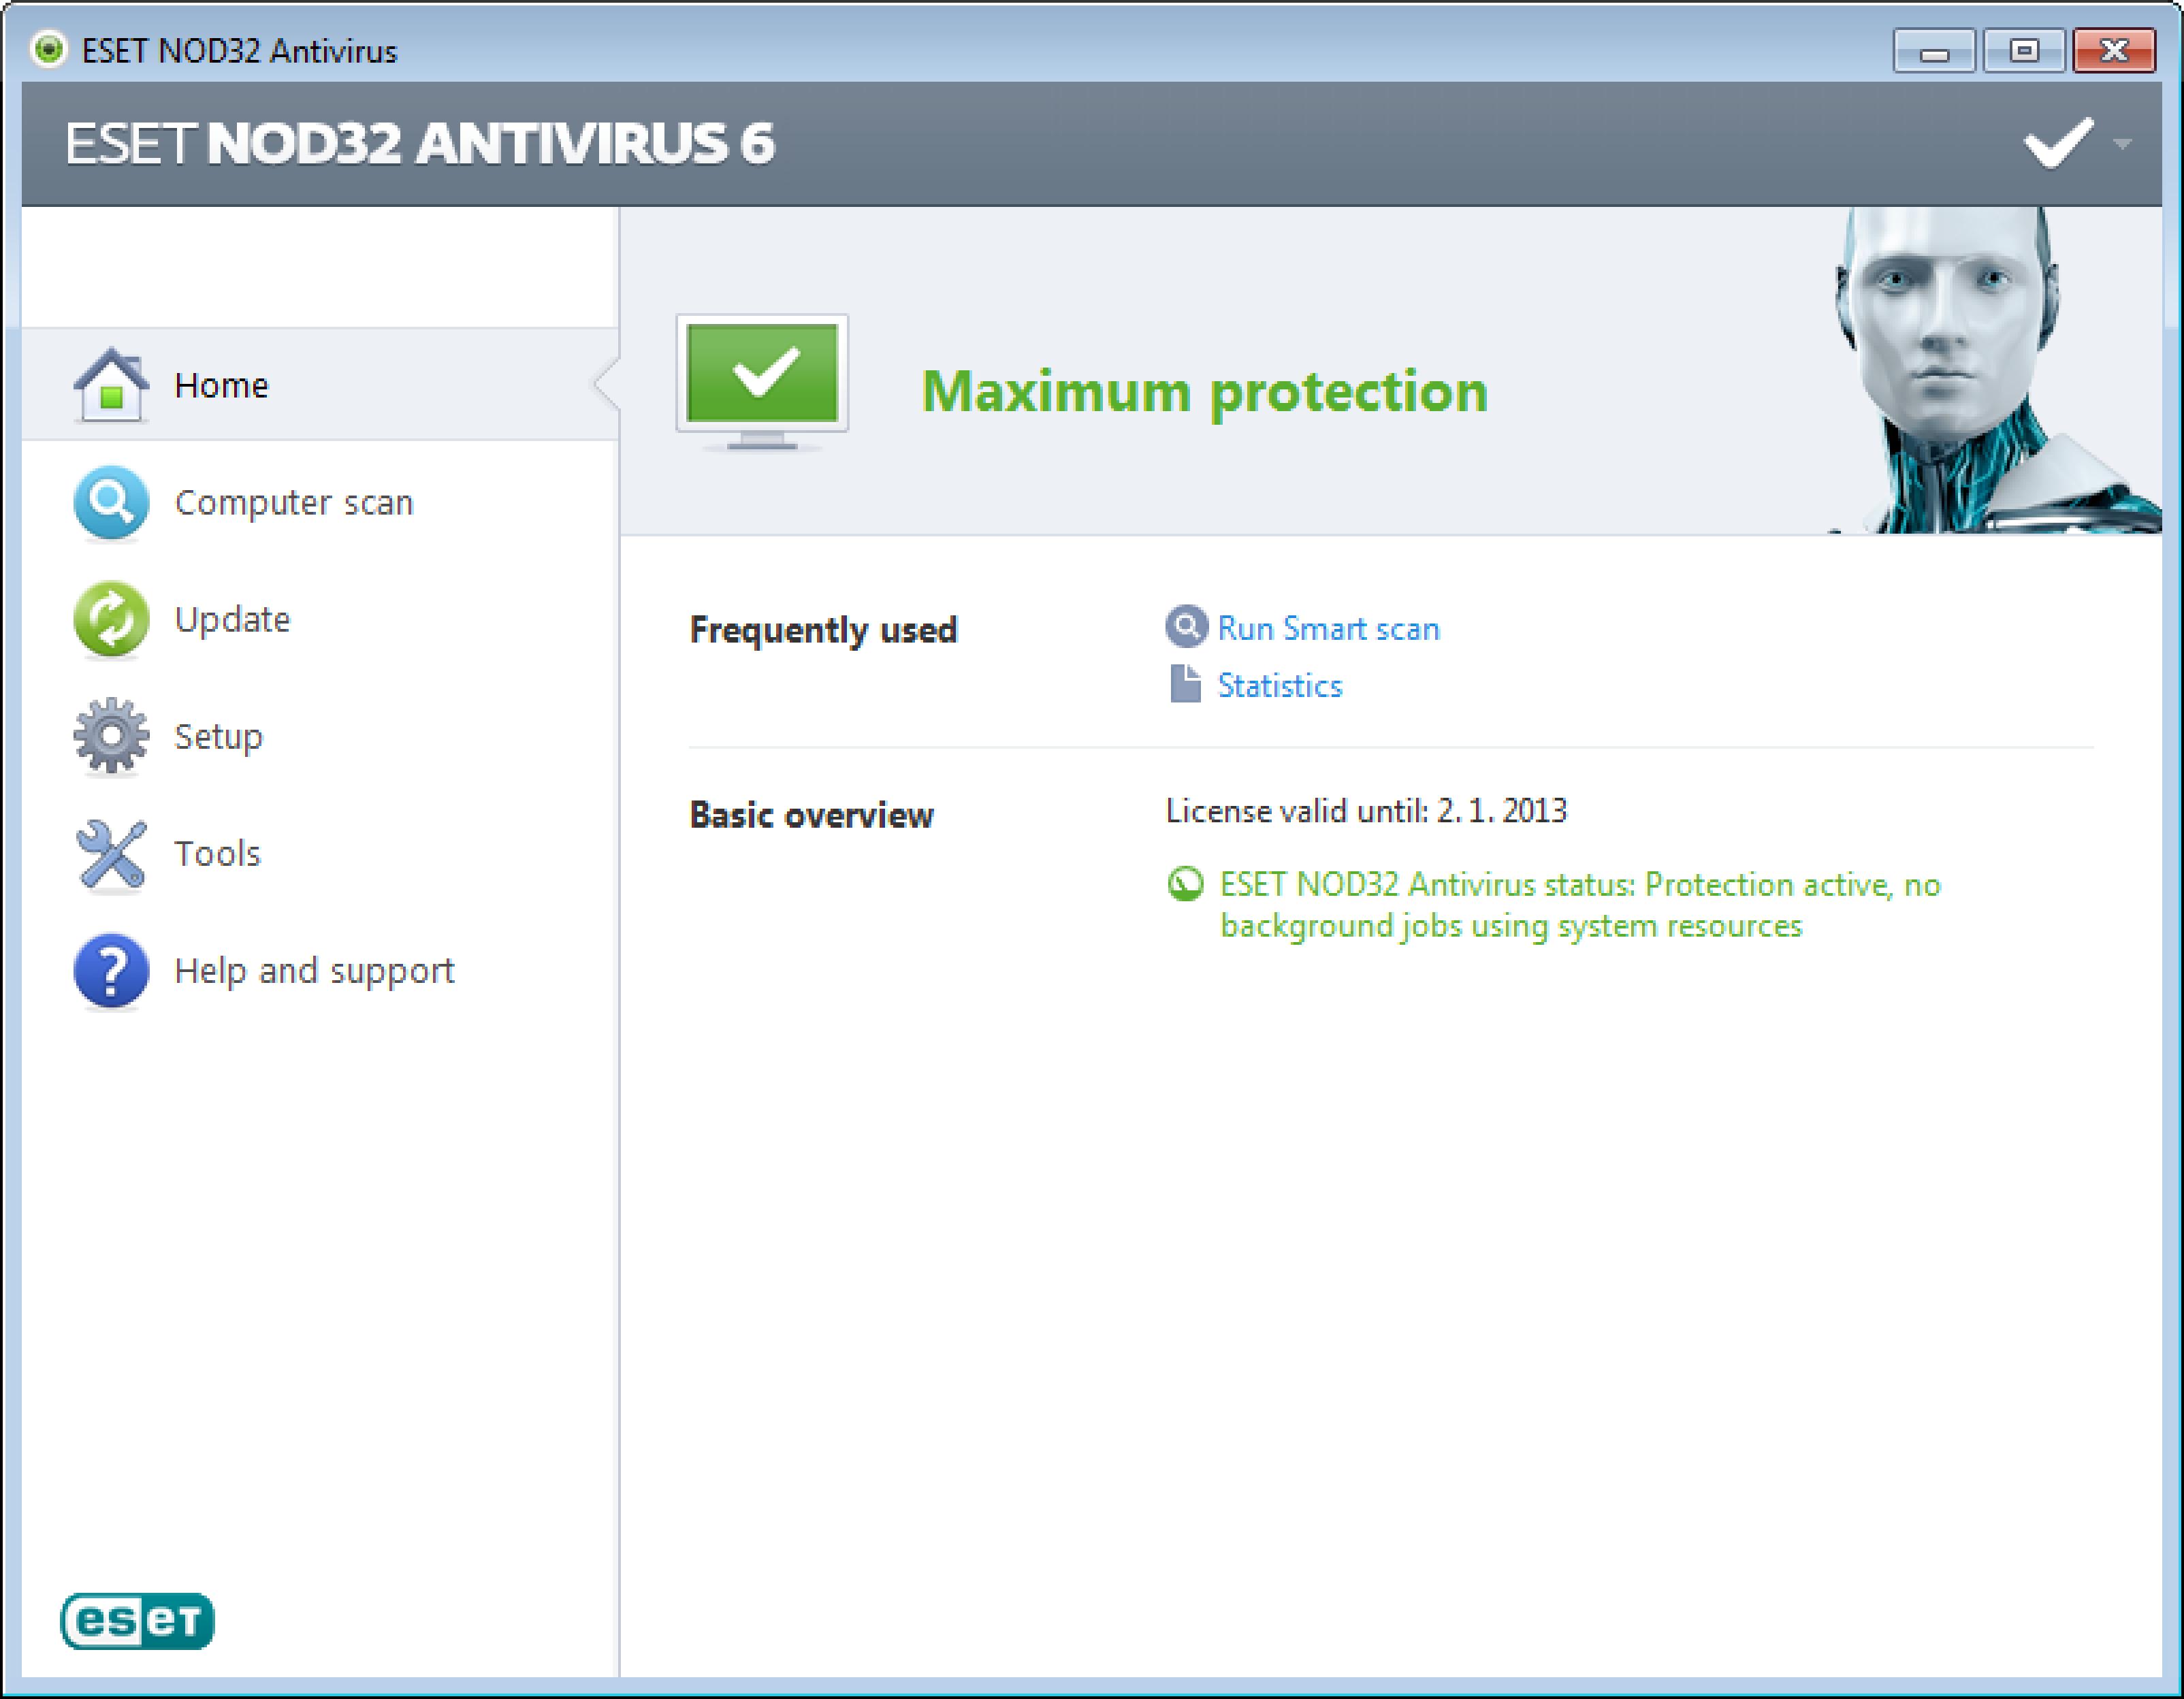 تحميل برنامج نود 32 مضاد الفيروسات للكمبيوتر